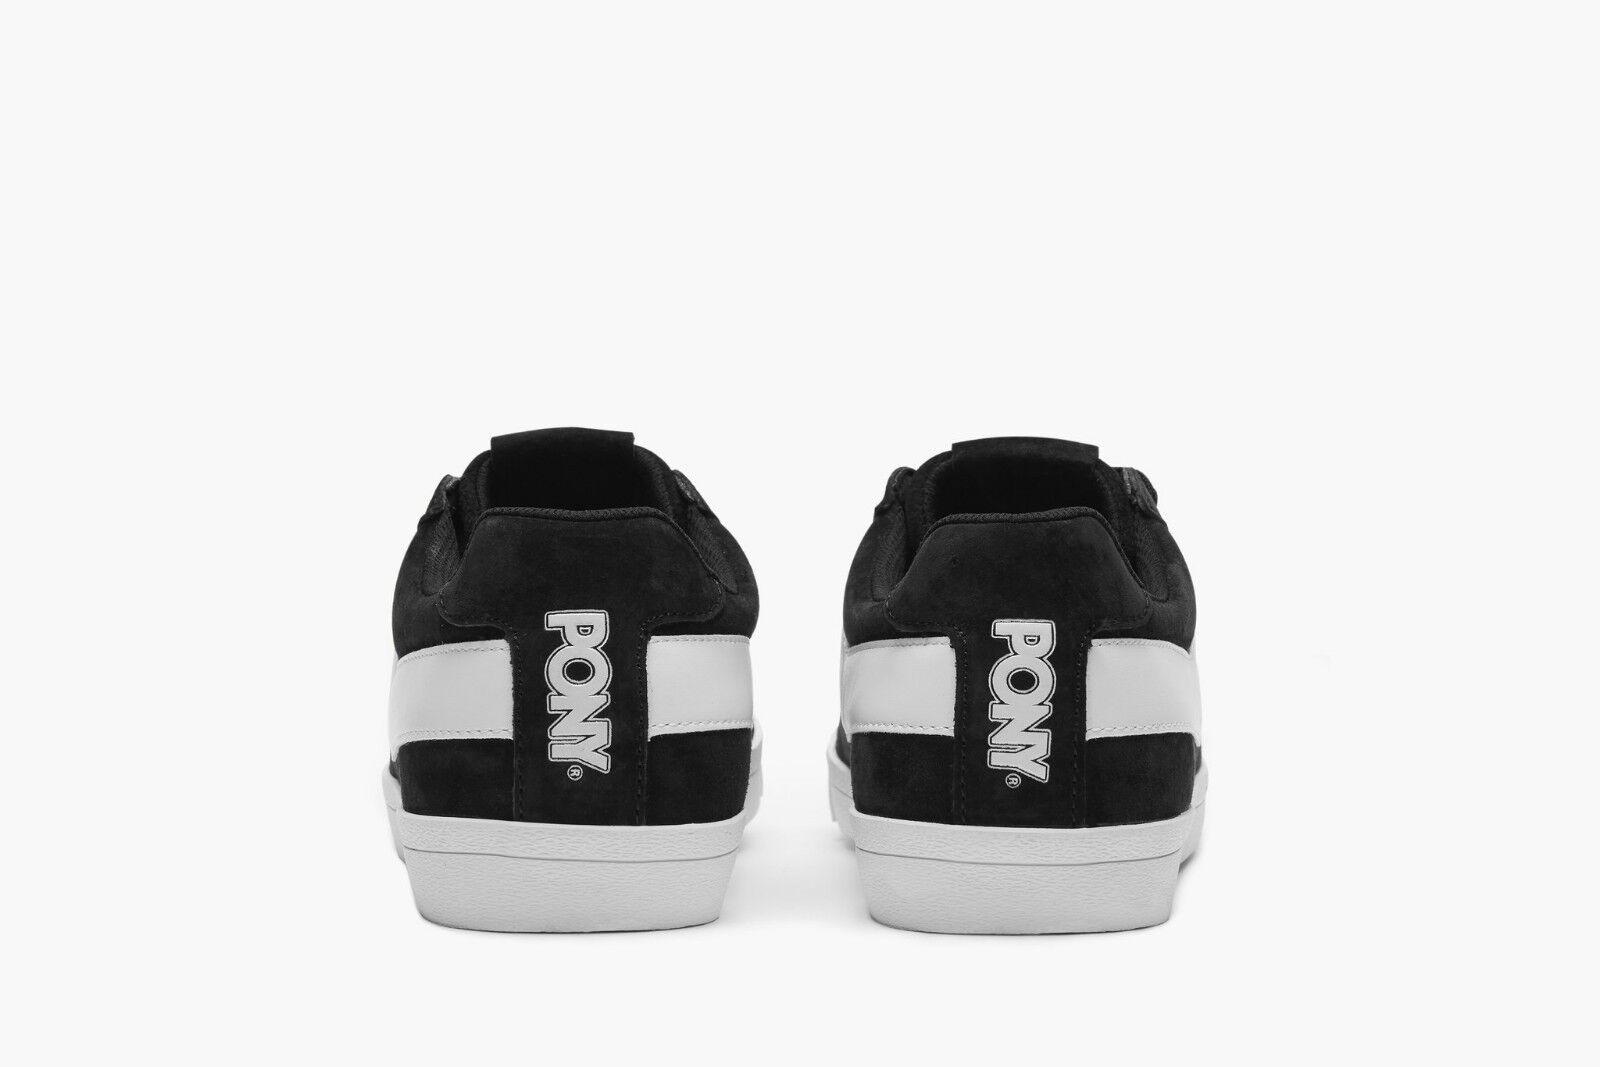 Neuf Femme PONY Classique Noir Blanc Lacets Daim Cuir Bas Coupe Toile Chaussures